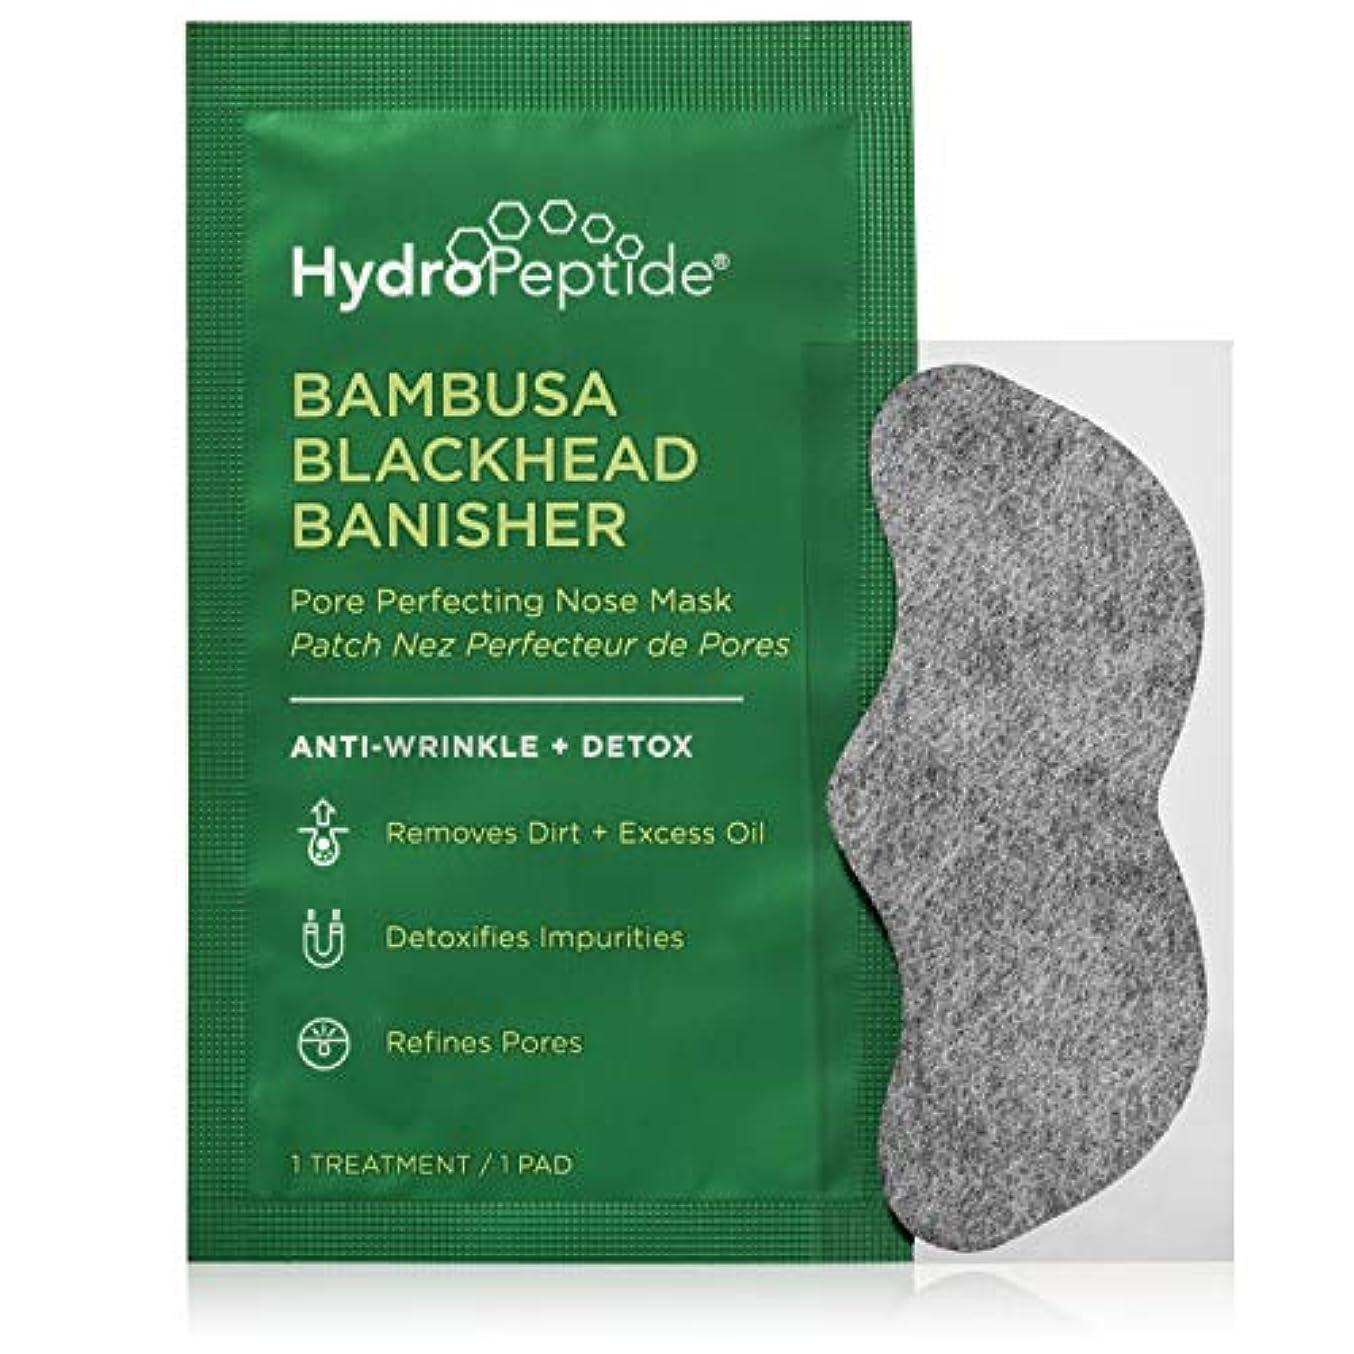 防衛吸収する副詞ハイドロペプチド Bambusa Blackhead Banisher Pore Perfecting Nose Mask 8sheets並行輸入品